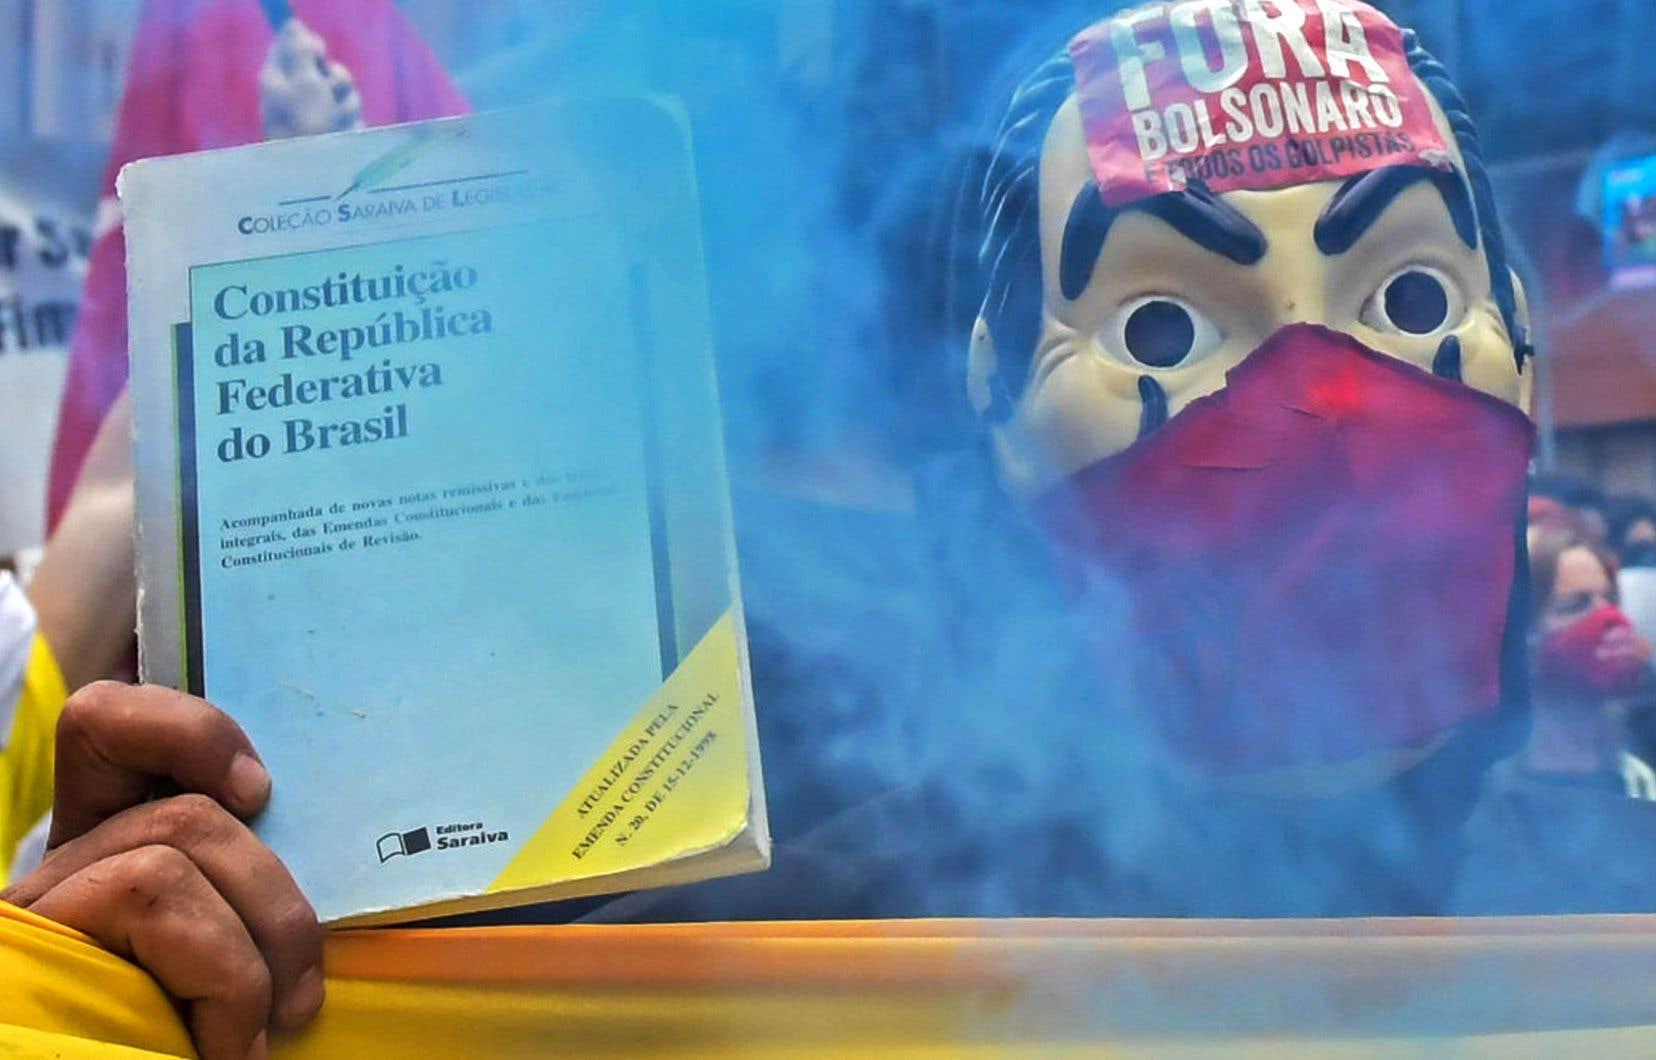 Le Brésil est confronté, au-delà de la crise sanitaire sévère du coronavirus, à une nouvelle crise politique depuis l'élection de Jair Bolsonaro en janvier 2019. Un manifestant tenait dimanche un exemplaire de la Constitution du pays, qui traverse des changements profonds de son modèle démocratique.